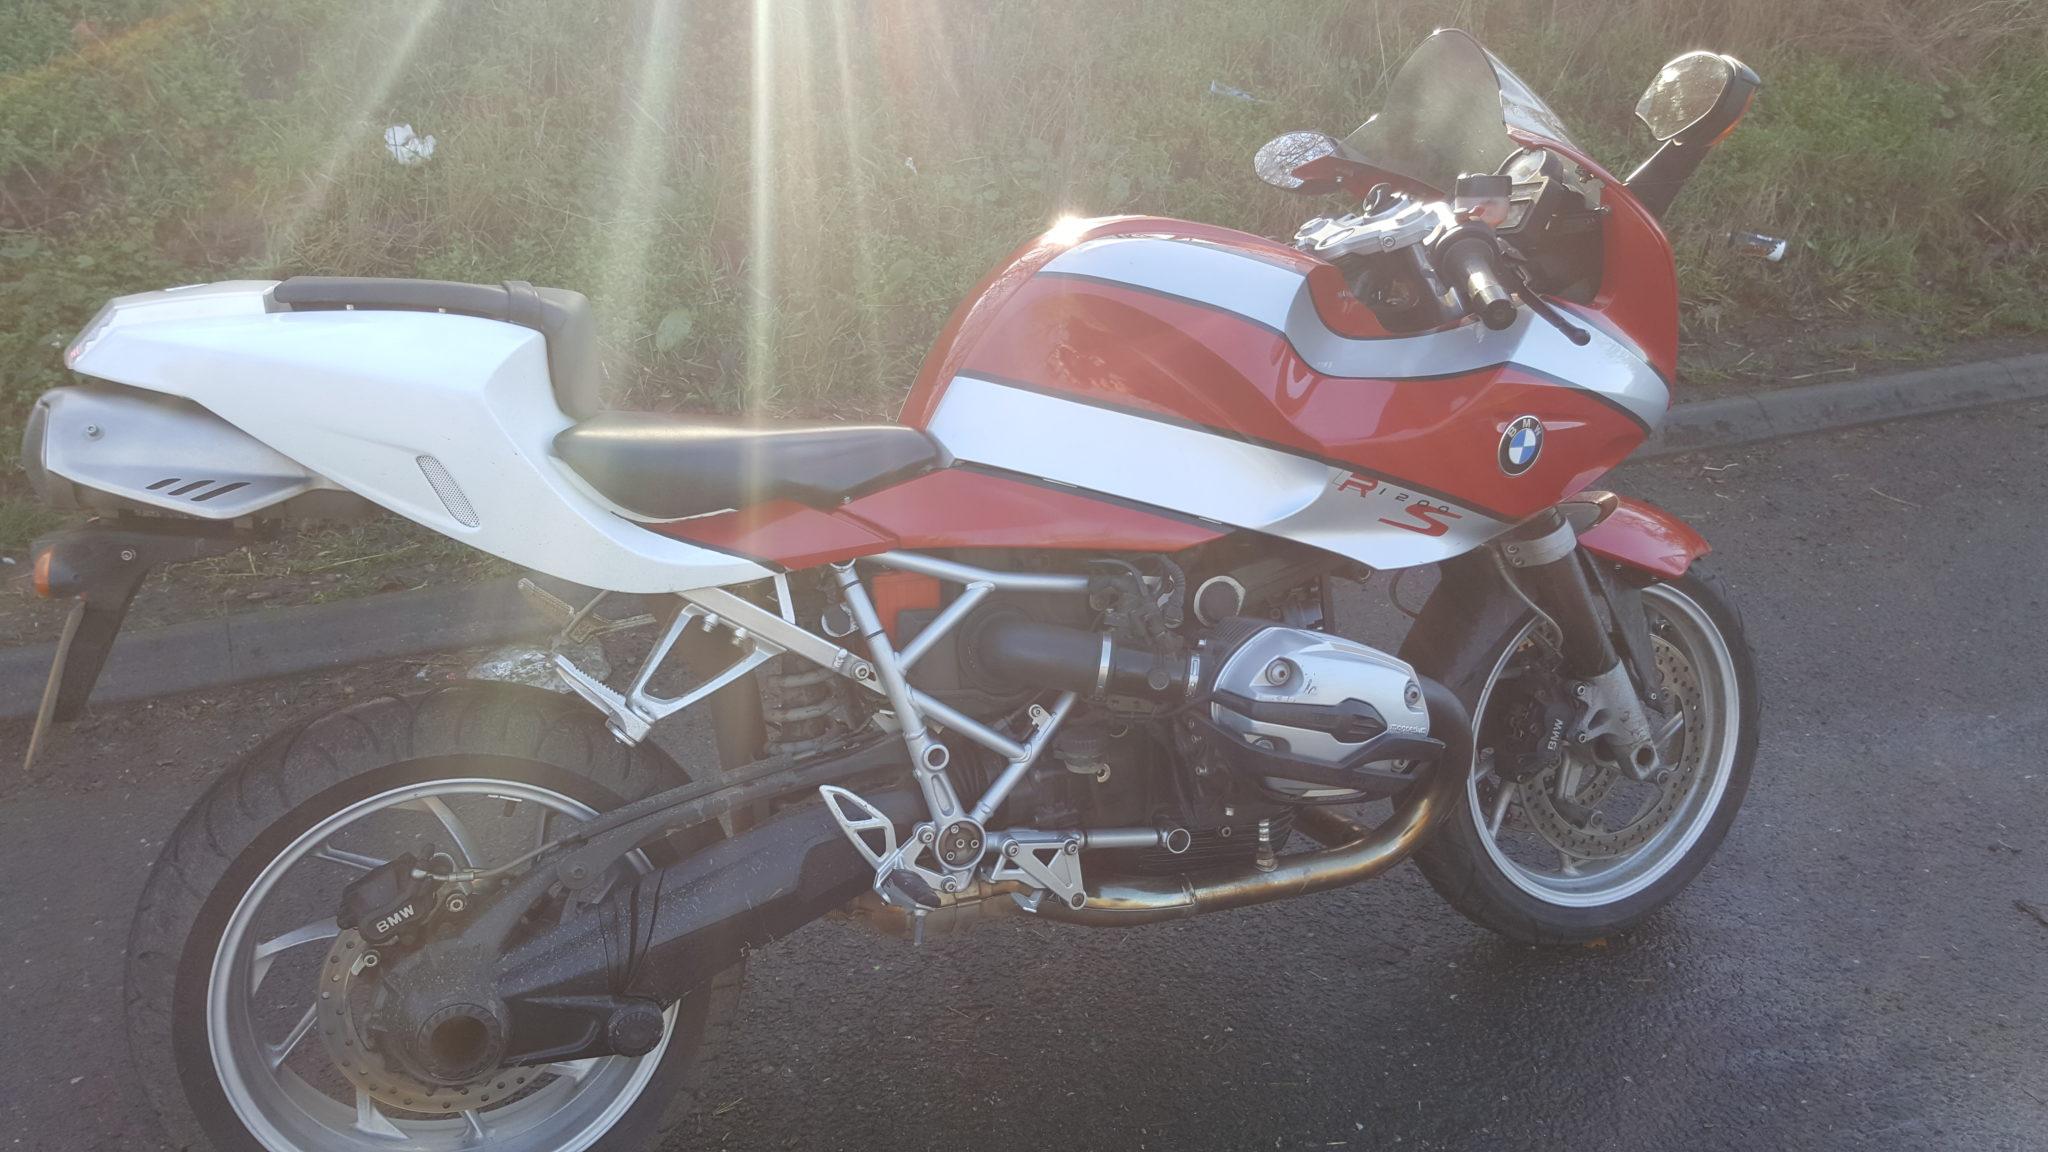 Darren – BMW R1200S